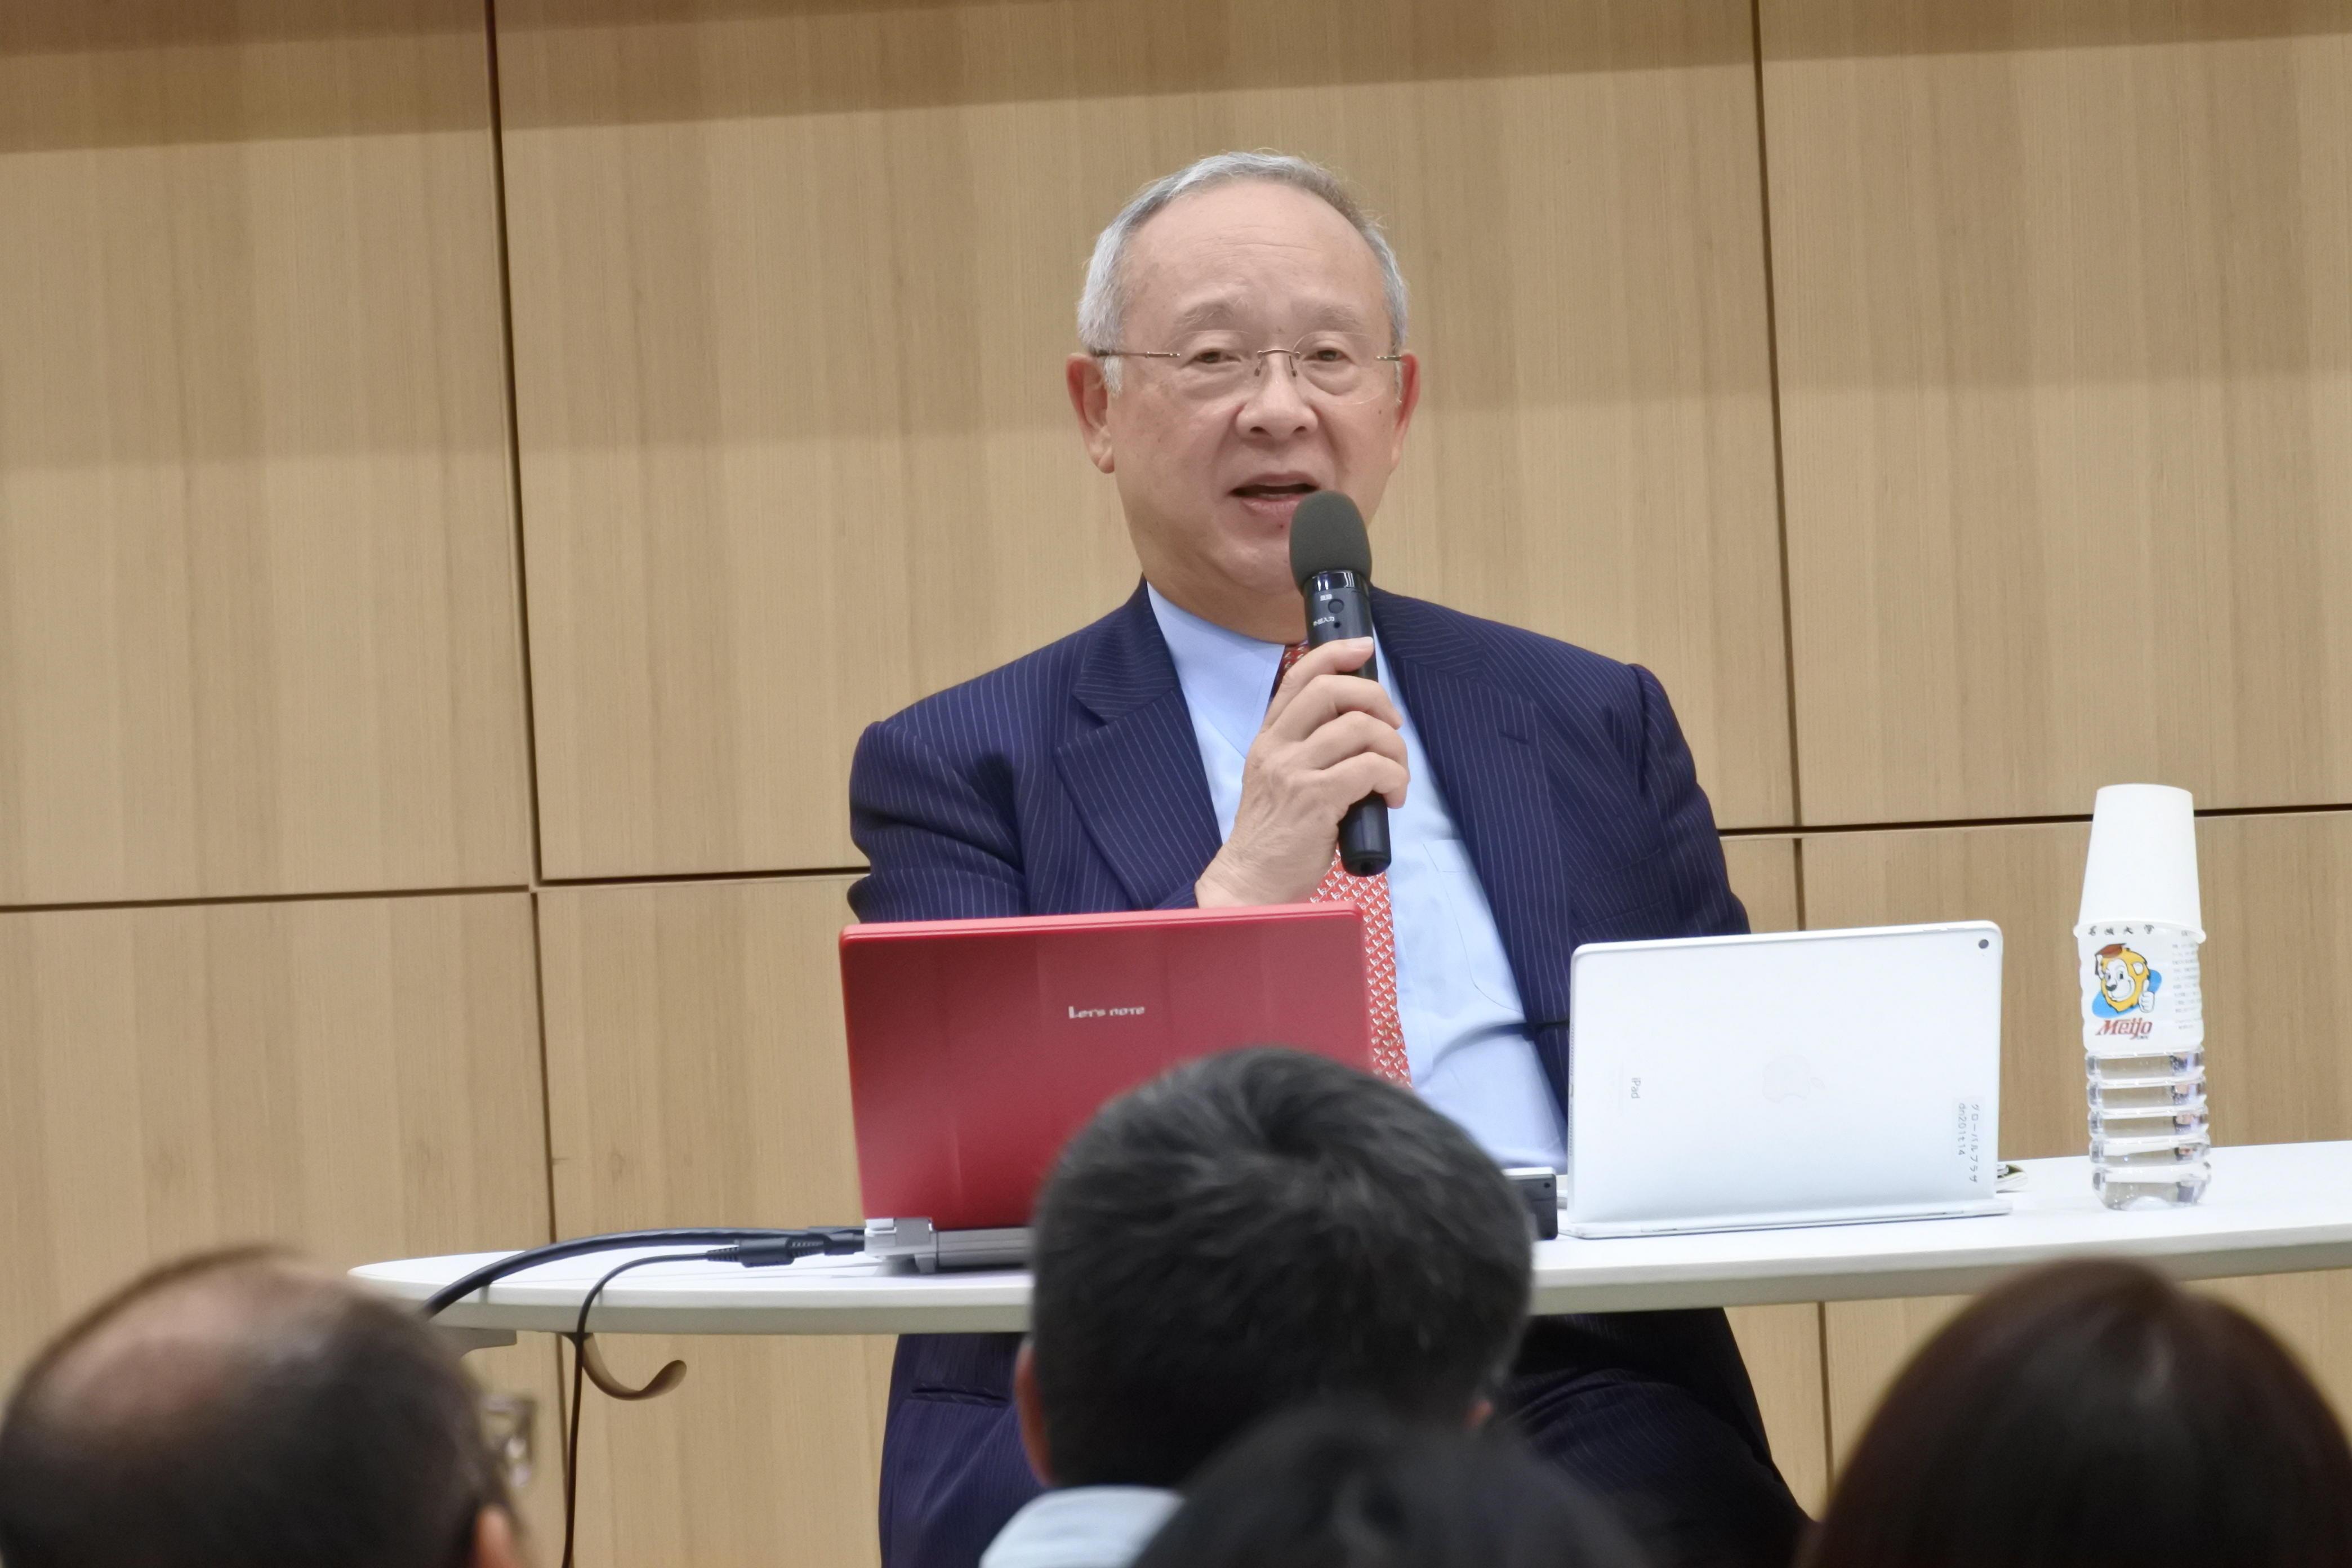 留学や海外企業の体験などを語る杉田氏